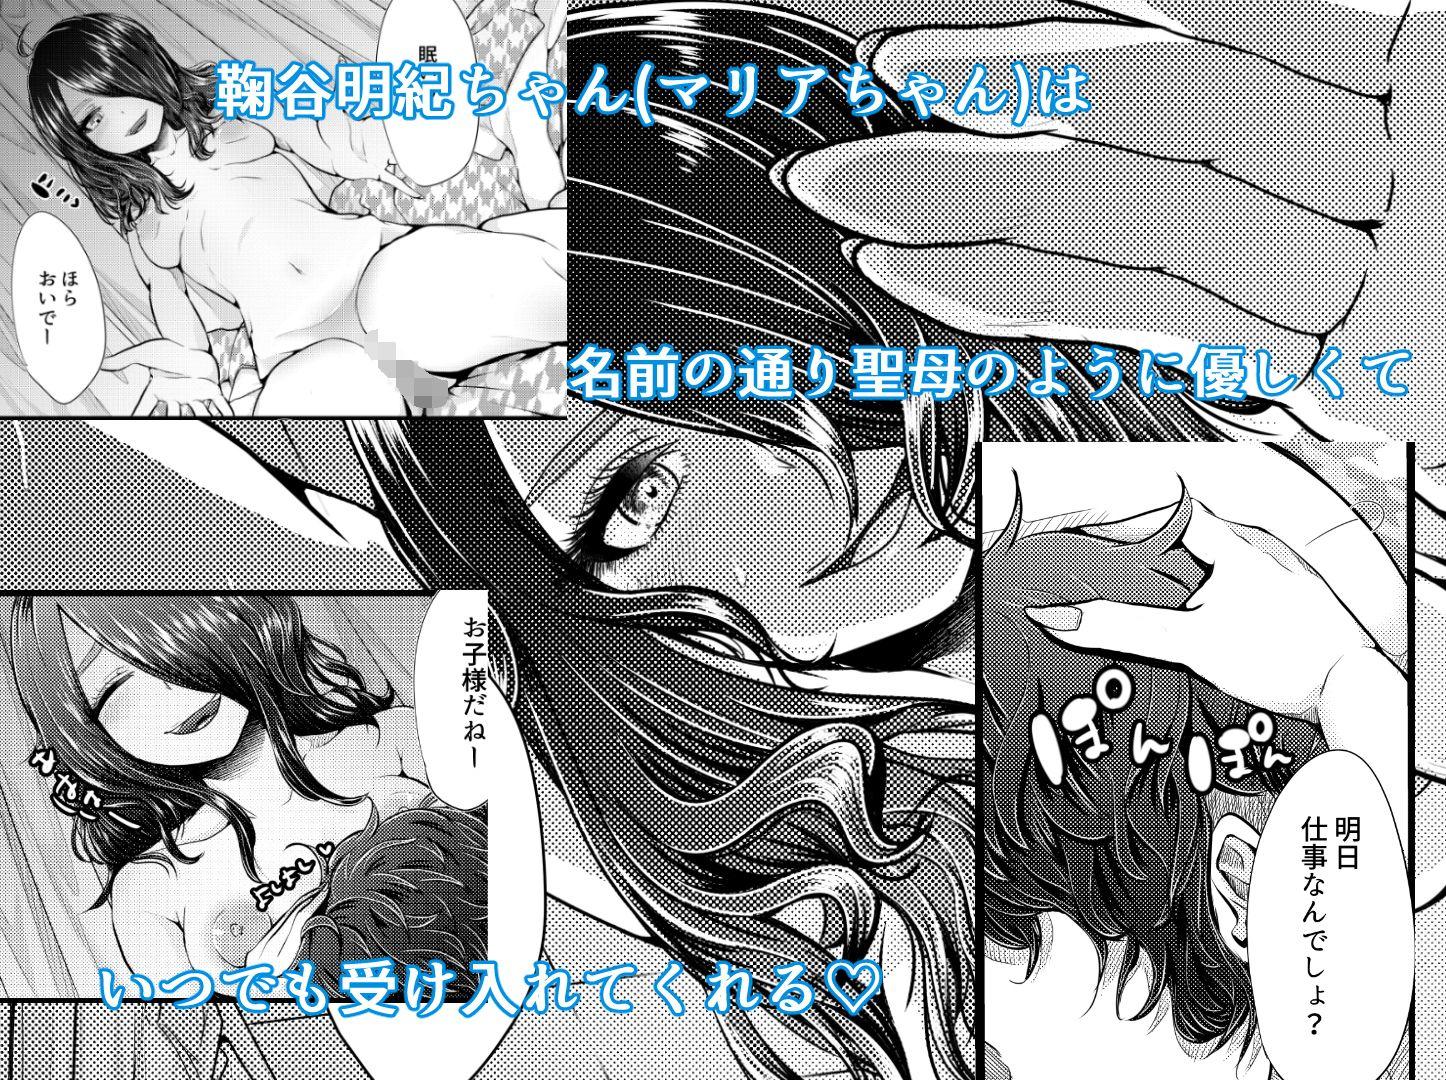 【マリア 同人】b!tch4